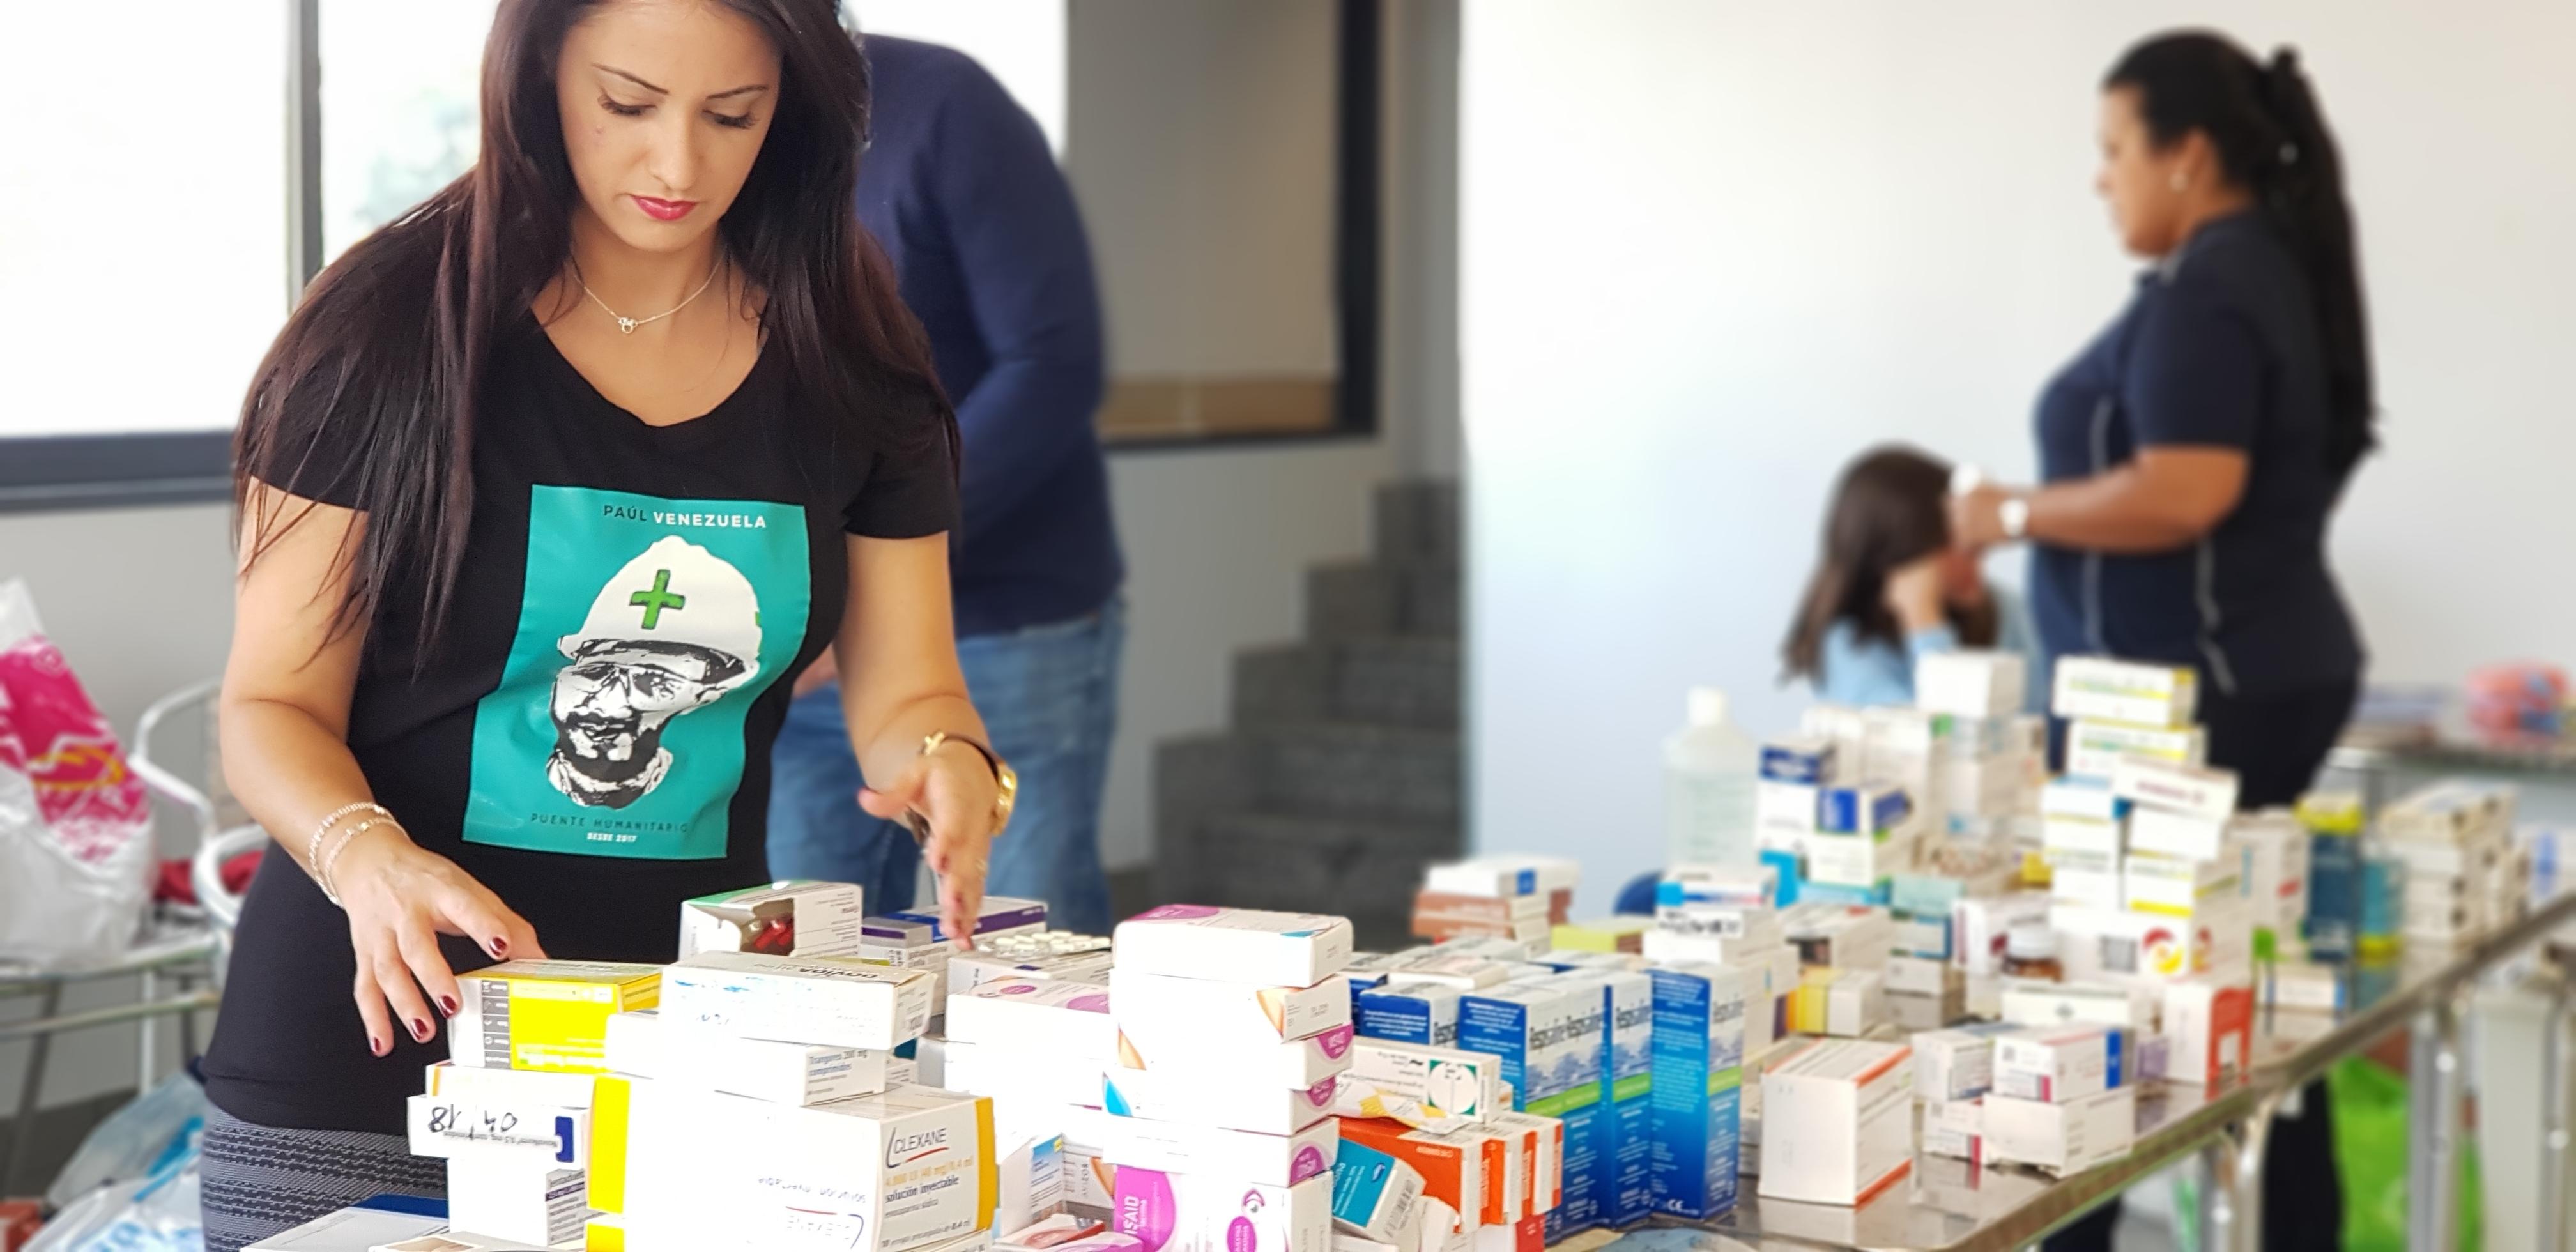 Llega nueva carga con 130 kilos de medicamentos para ayuda humanitaria